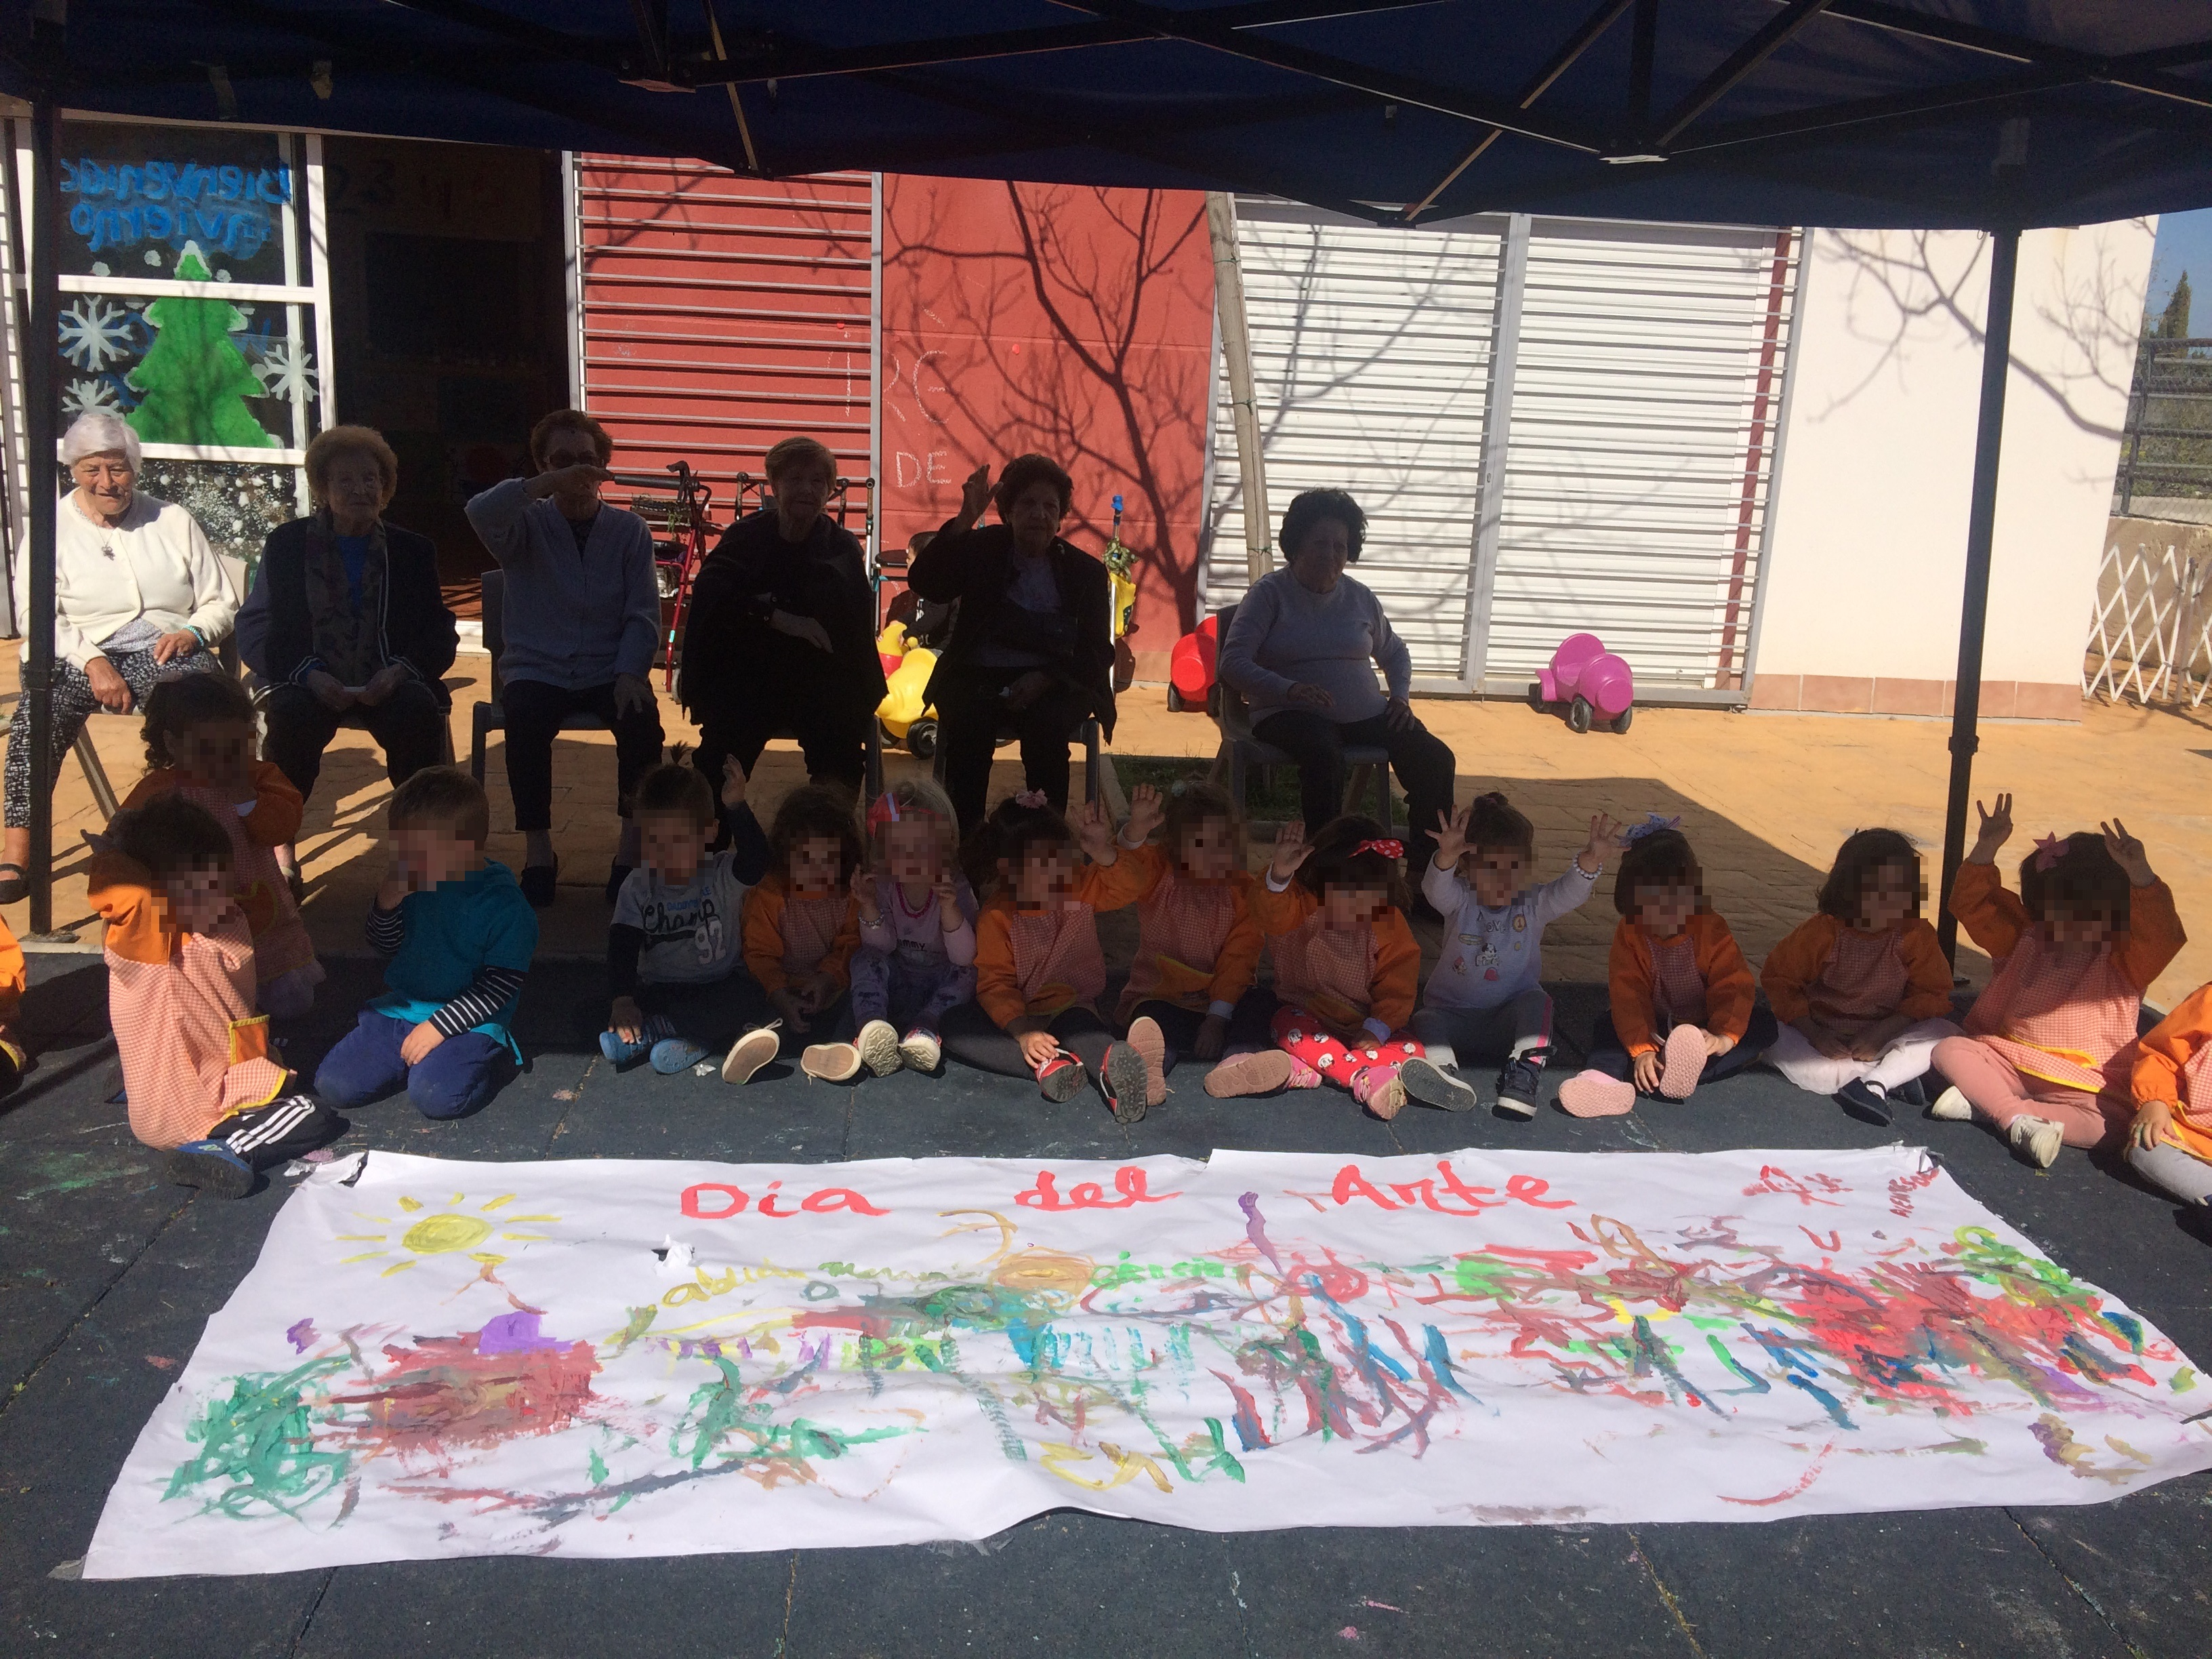 Día del arte mayores y niños